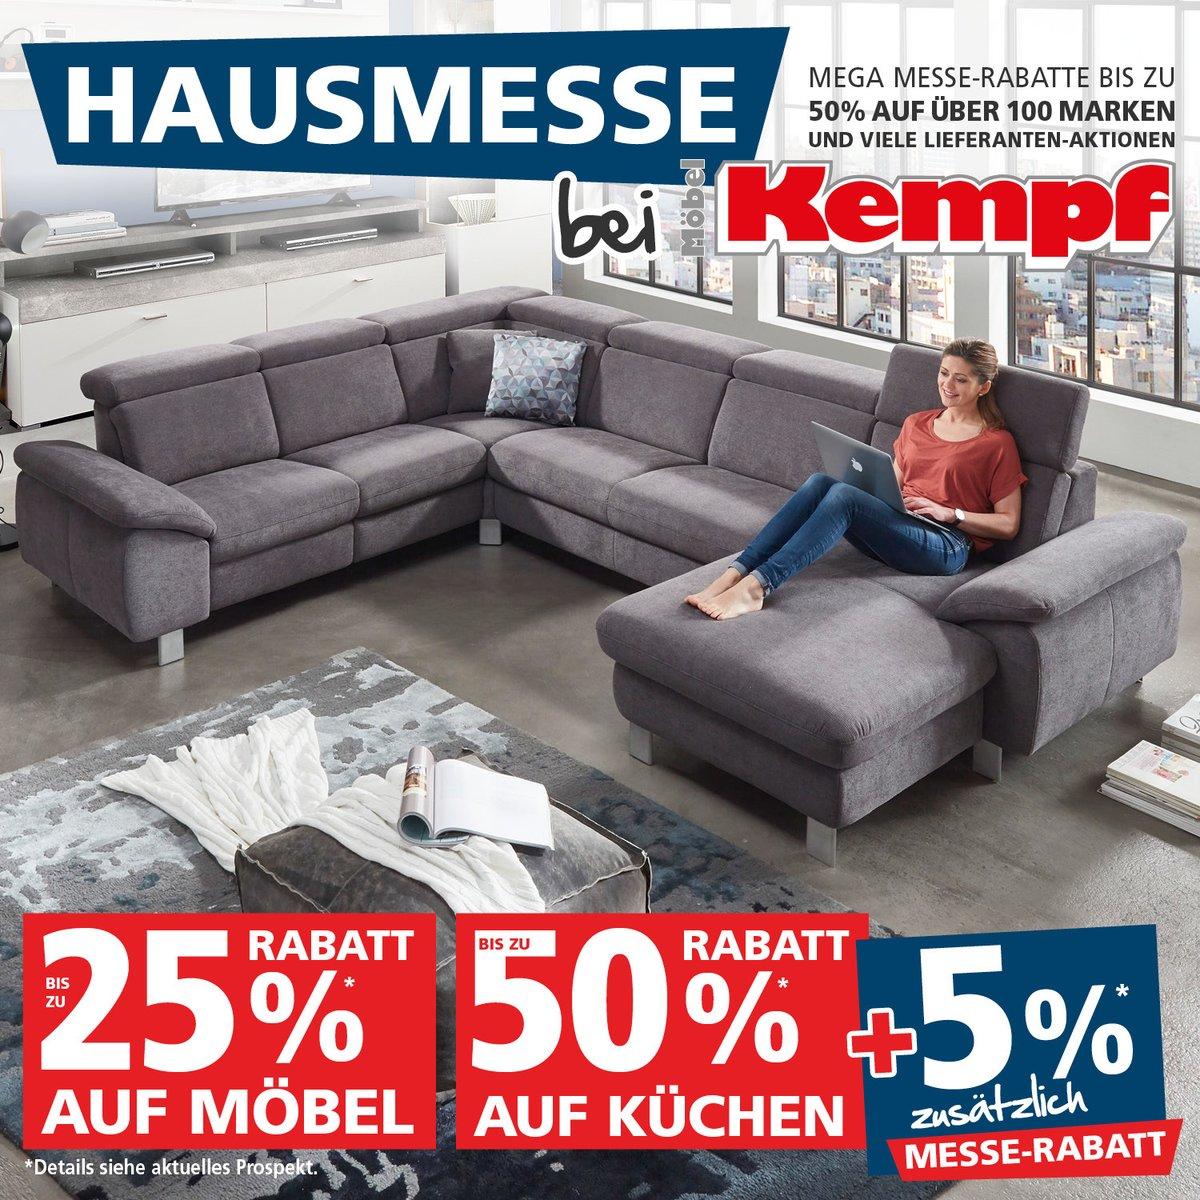 Große Hausmesse Bei Möbel Kempf Mega Messe Rabatte Bis Zu 50 Auf